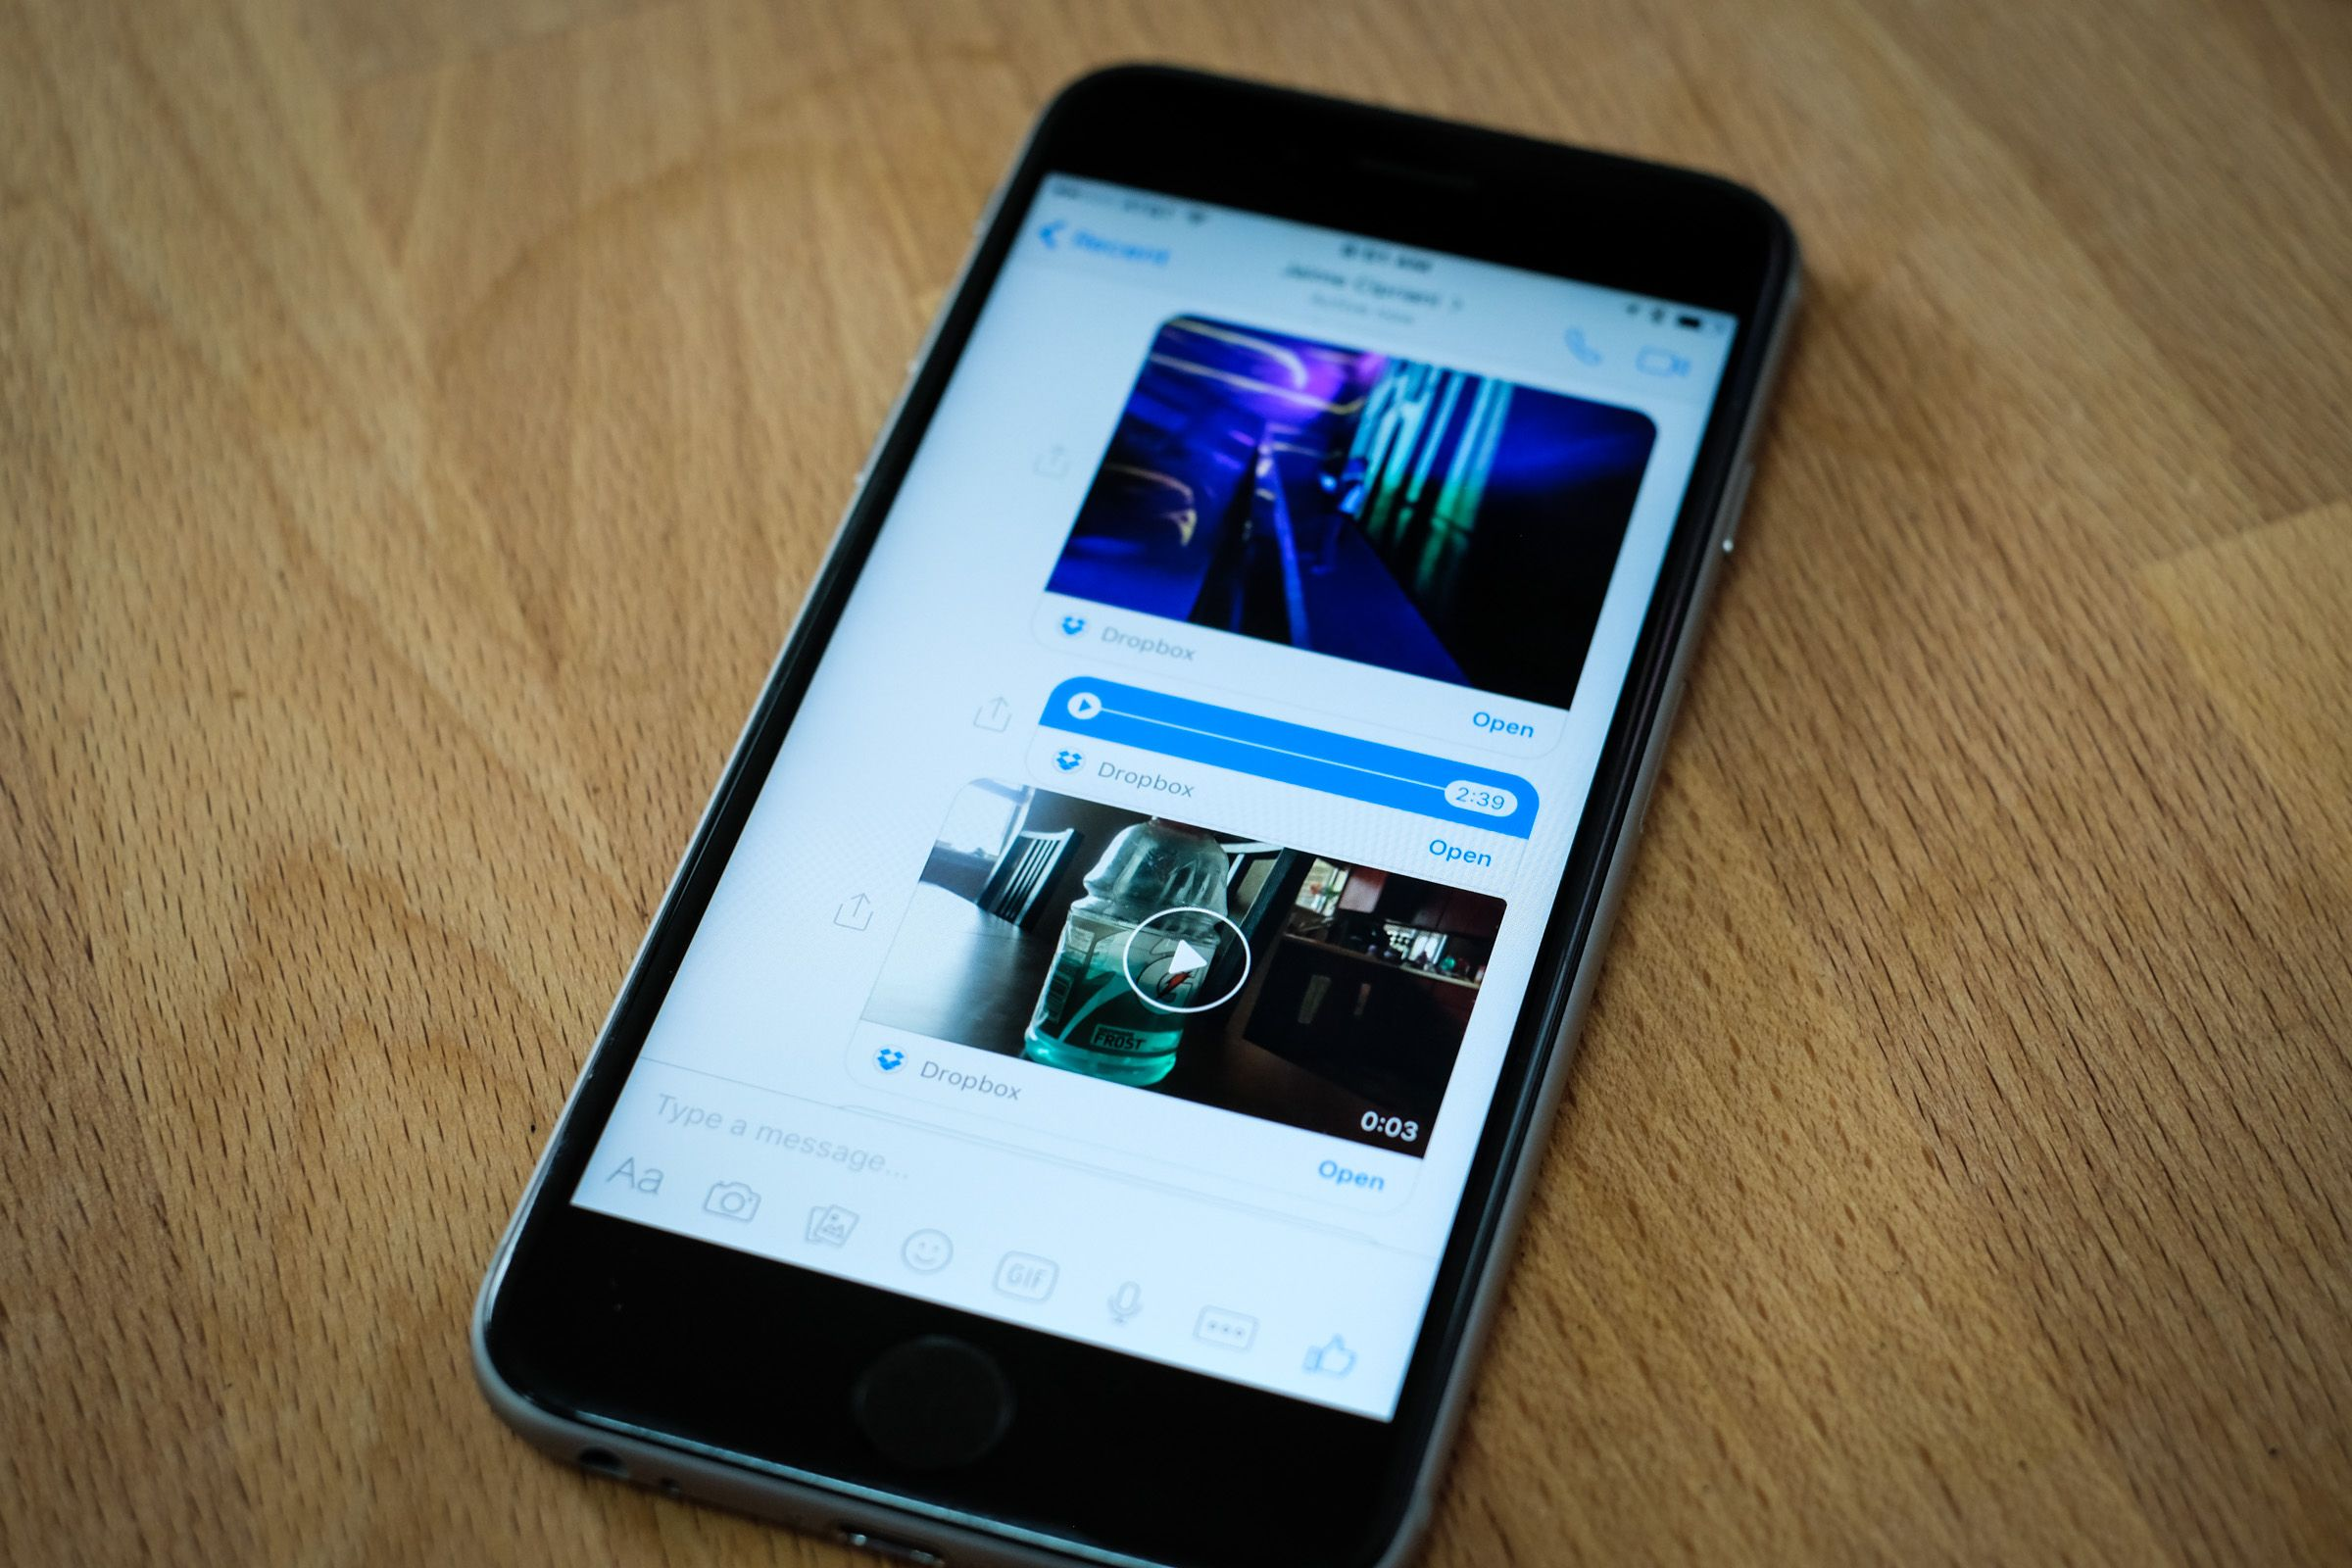 facebook-messenger-dropbox-file-sharing-2 | technology